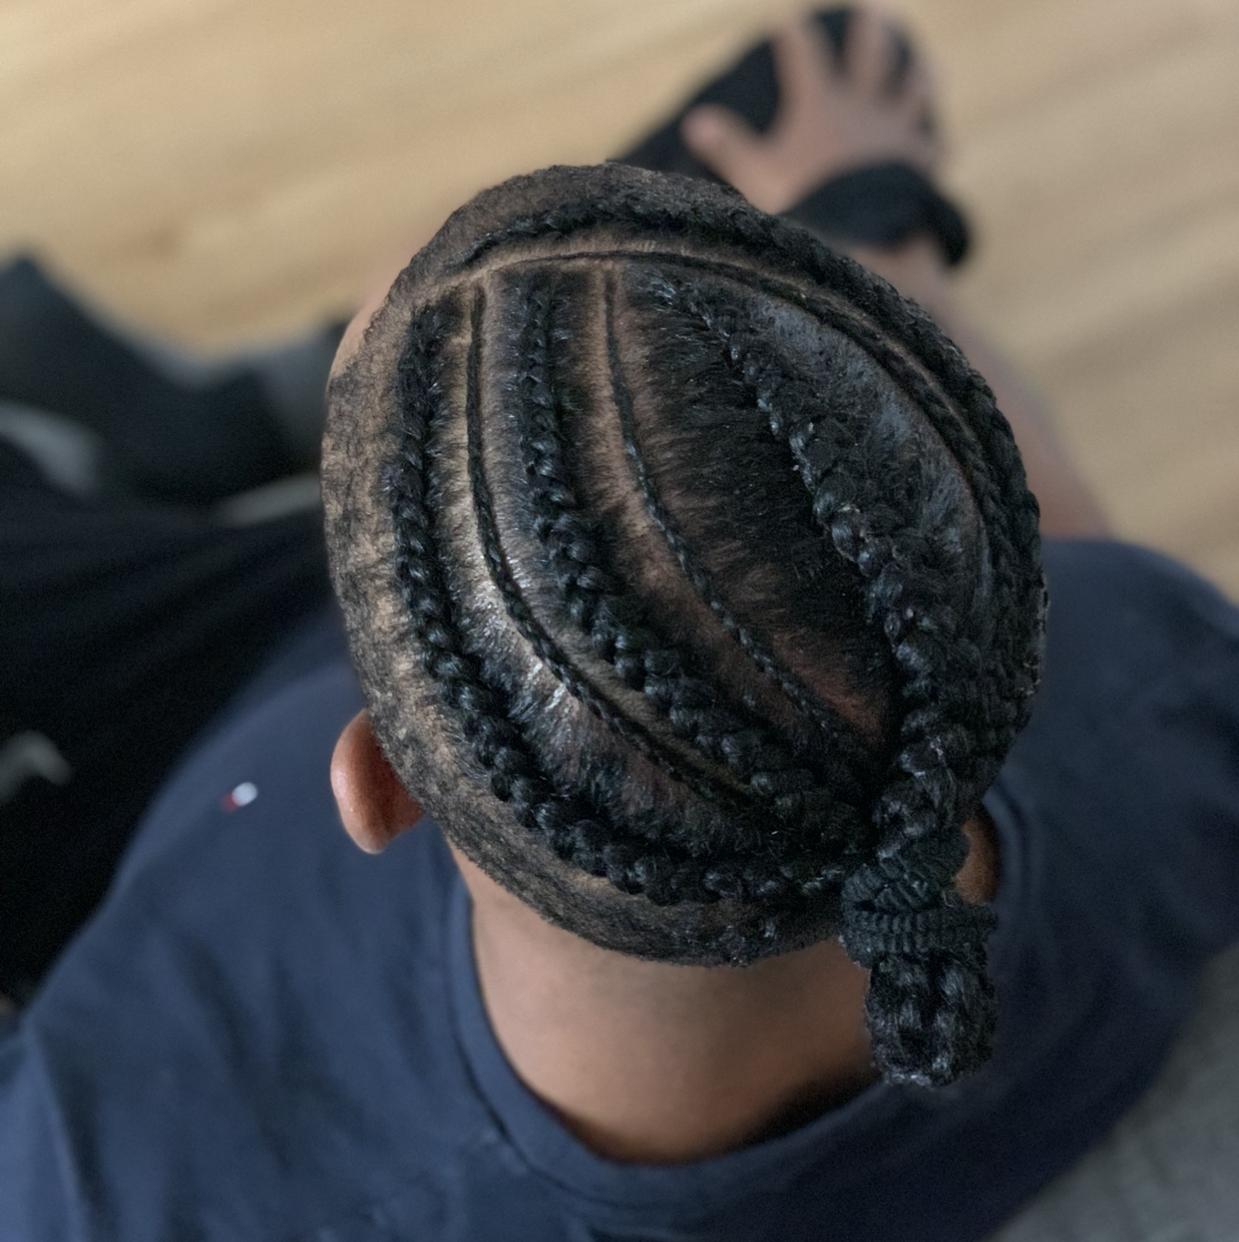 salon de coiffure afro tresse tresses box braids crochet braids vanilles tissages paris 75 77 78 91 92 93 94 95 XXBCMYFH